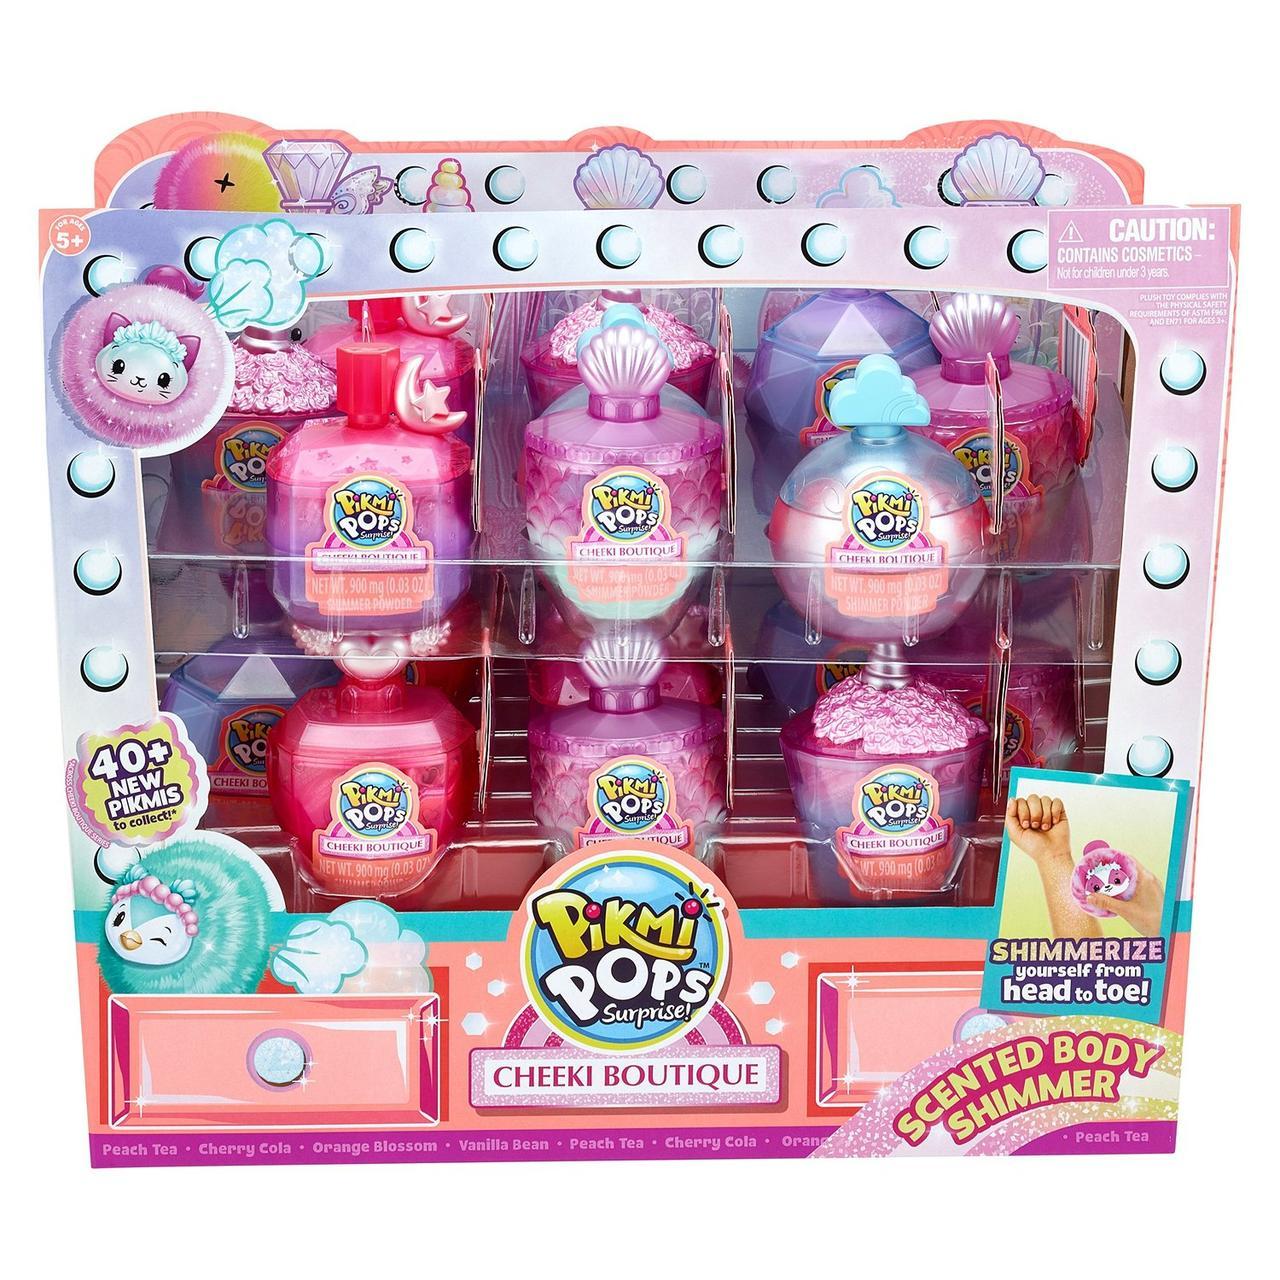 Pikmi Pops Набор Cheeki Boutique Плюшевая Пуховая игрушка (Сюрприз)